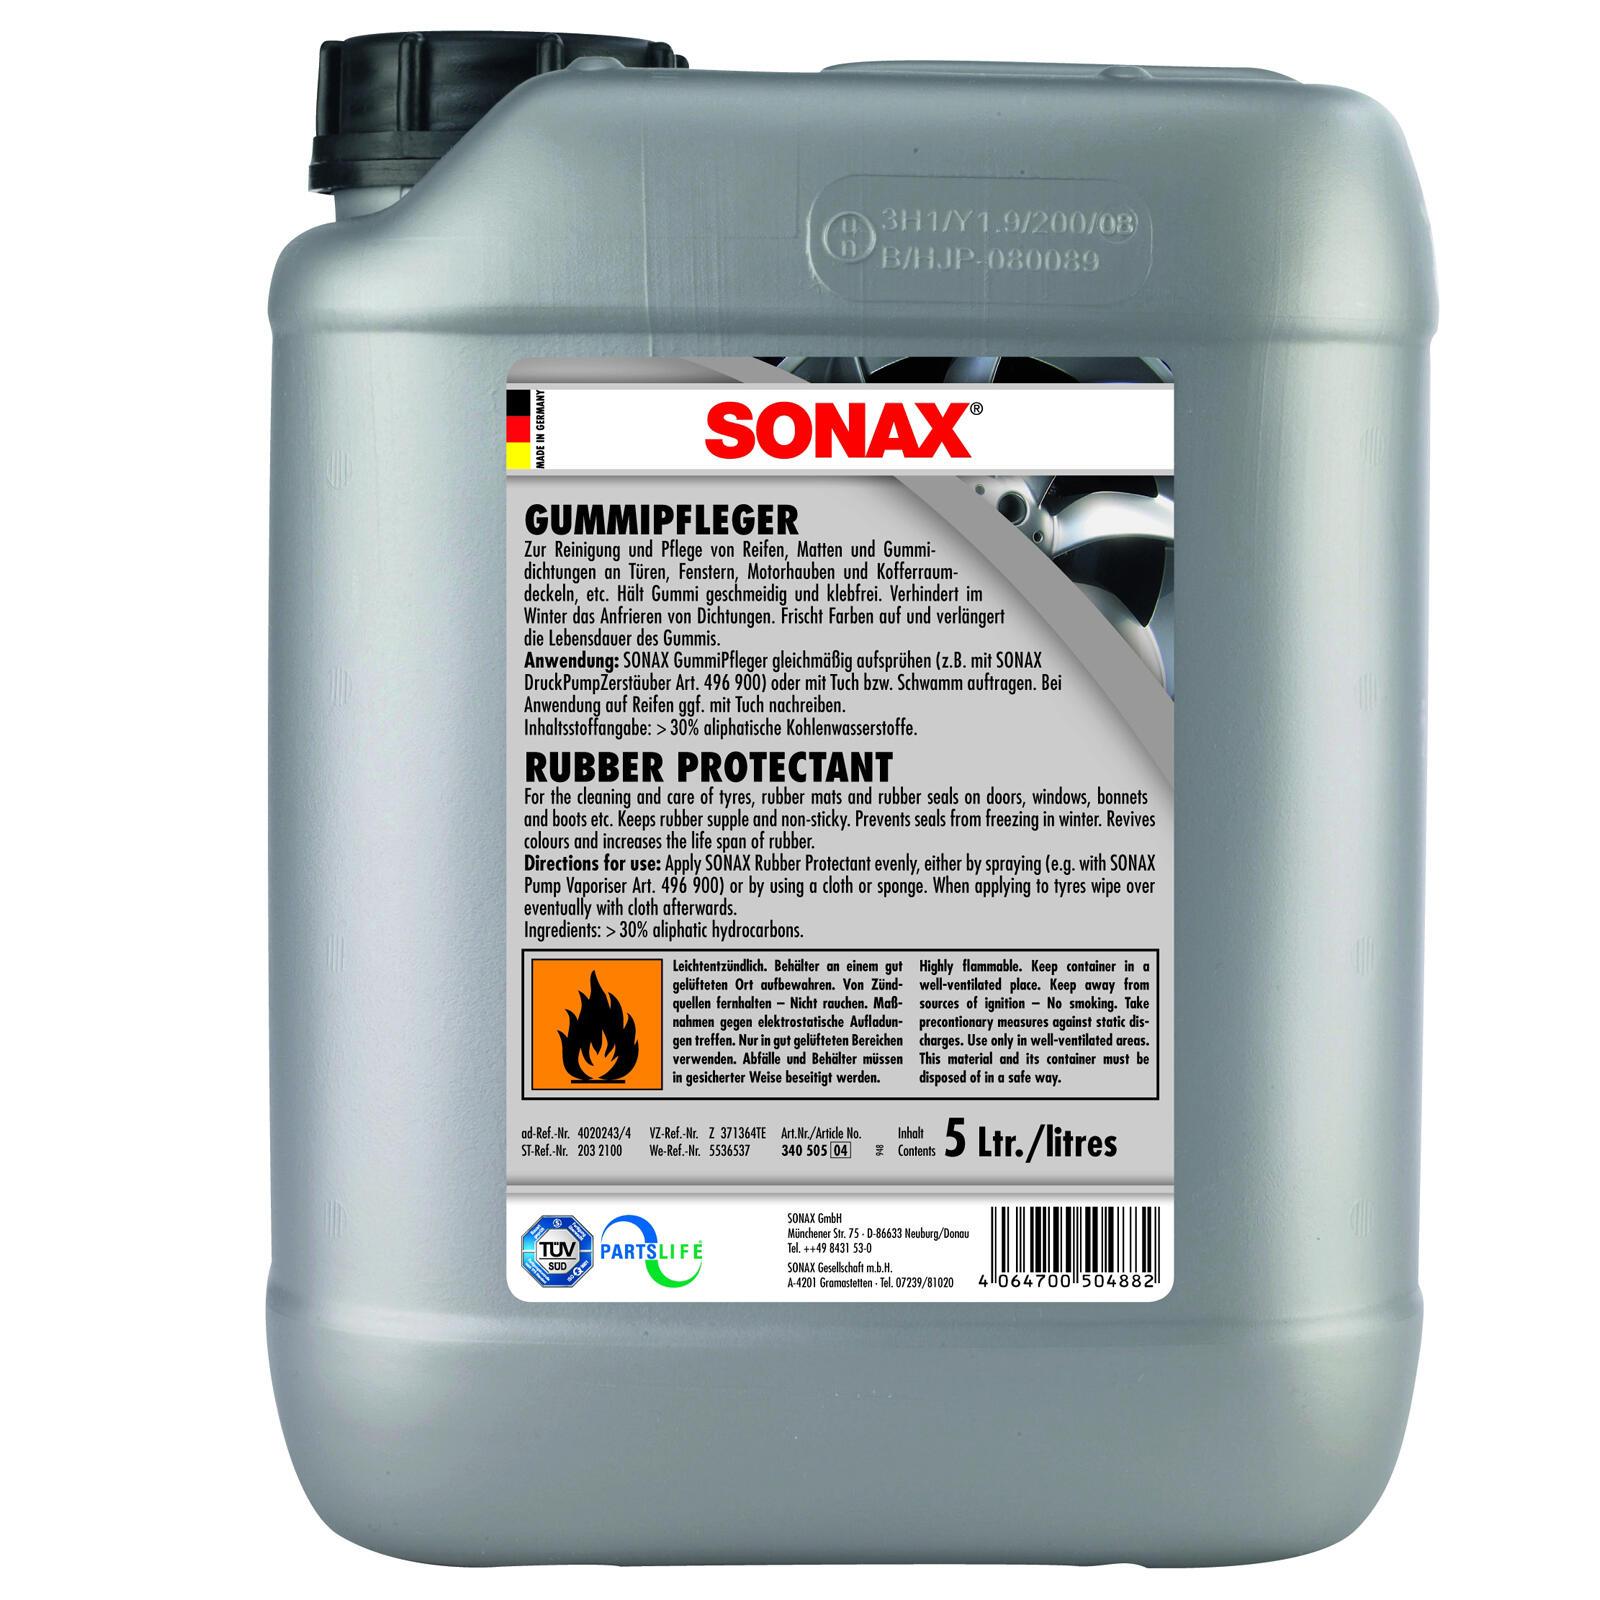 SONAX GummiPfleger 5l